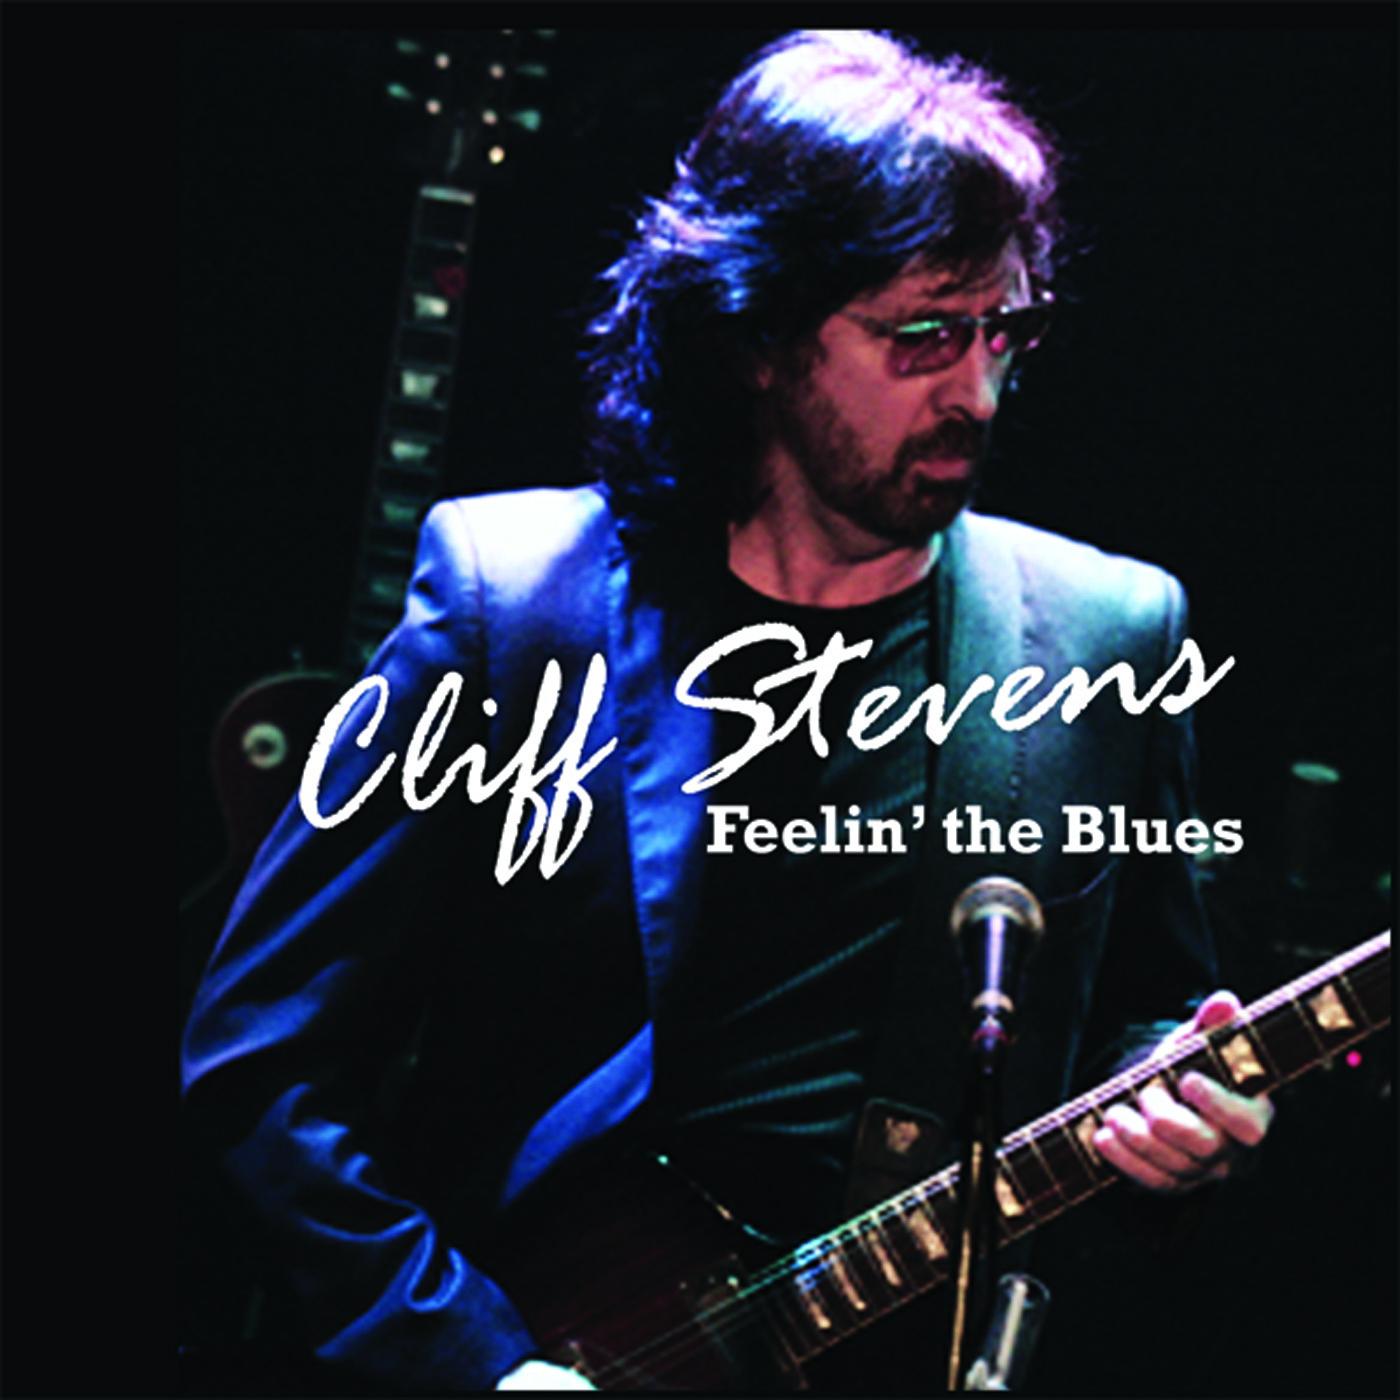 Cliff Stevens Feeling the Blues